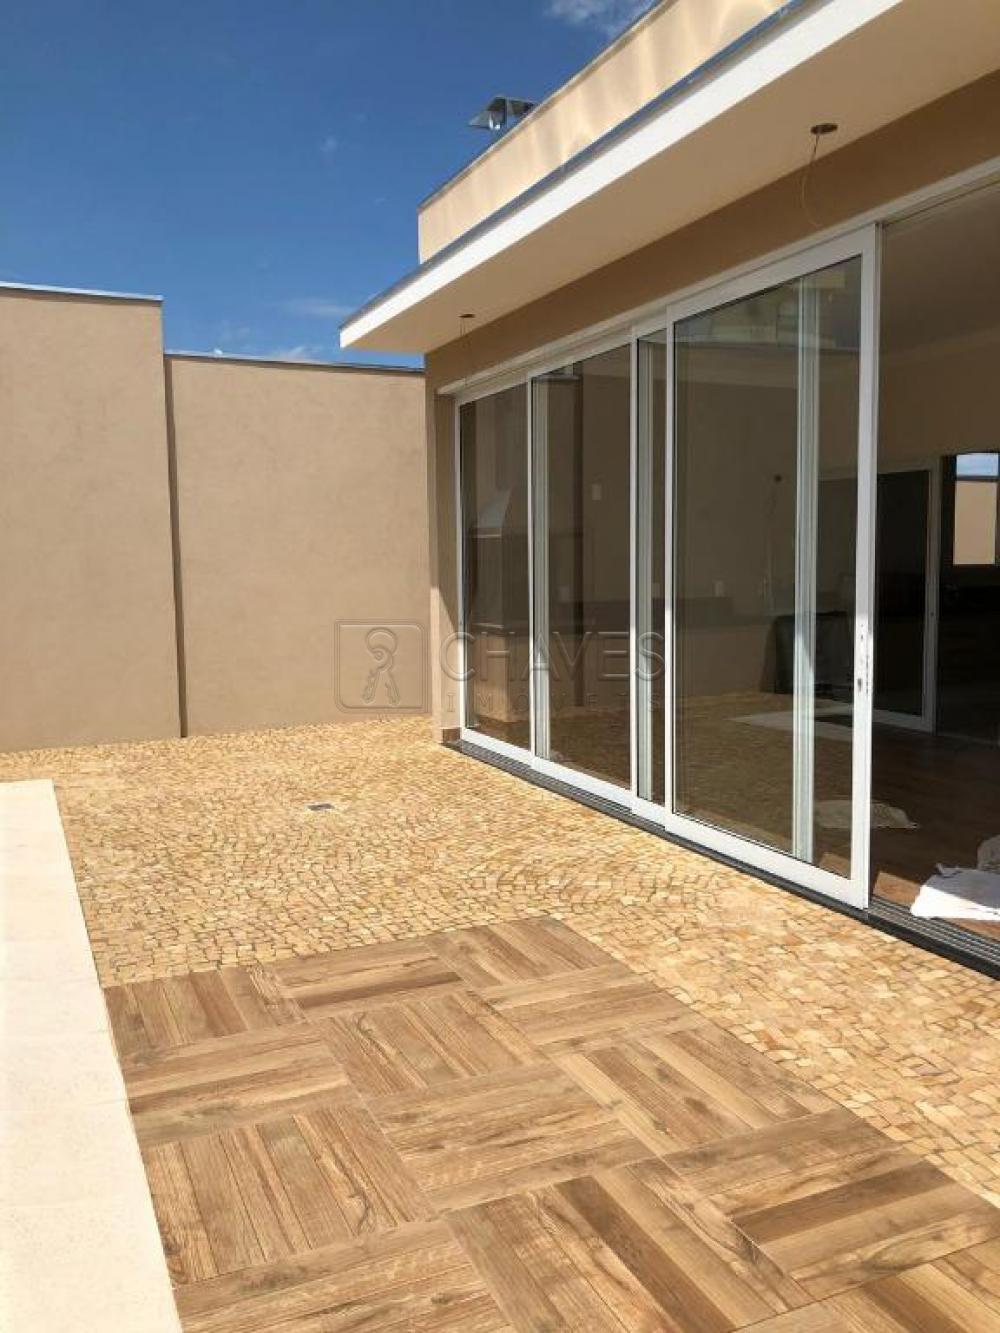 Comprar Casa / Condomínio em Ribeirão Preto apenas R$ 860.000,00 - Foto 10